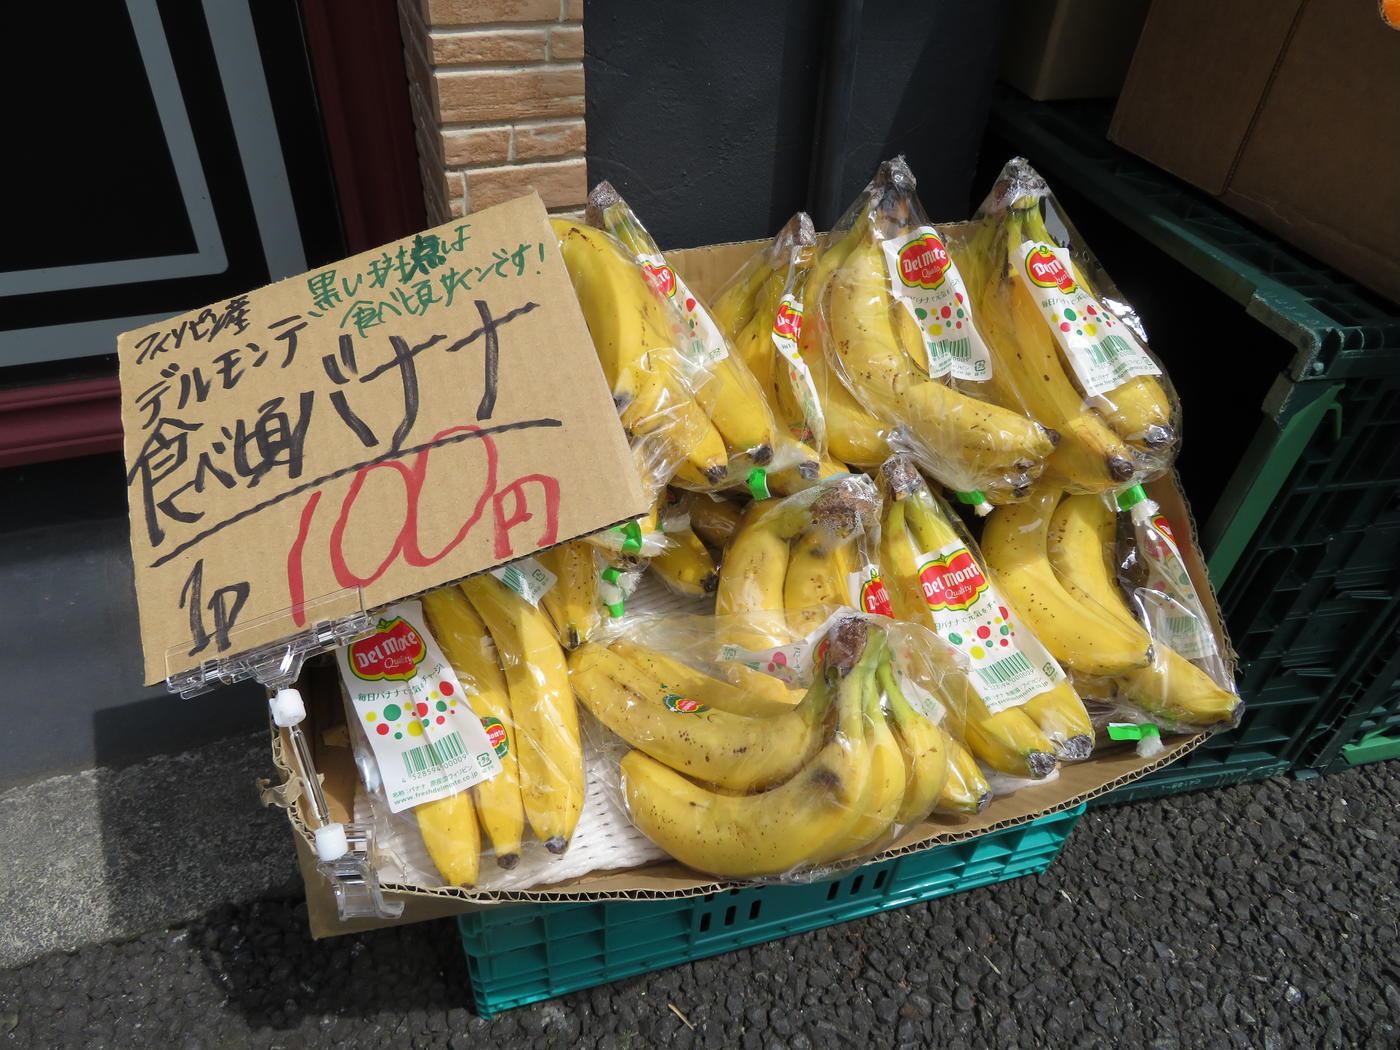 旬八青果店-バナナ